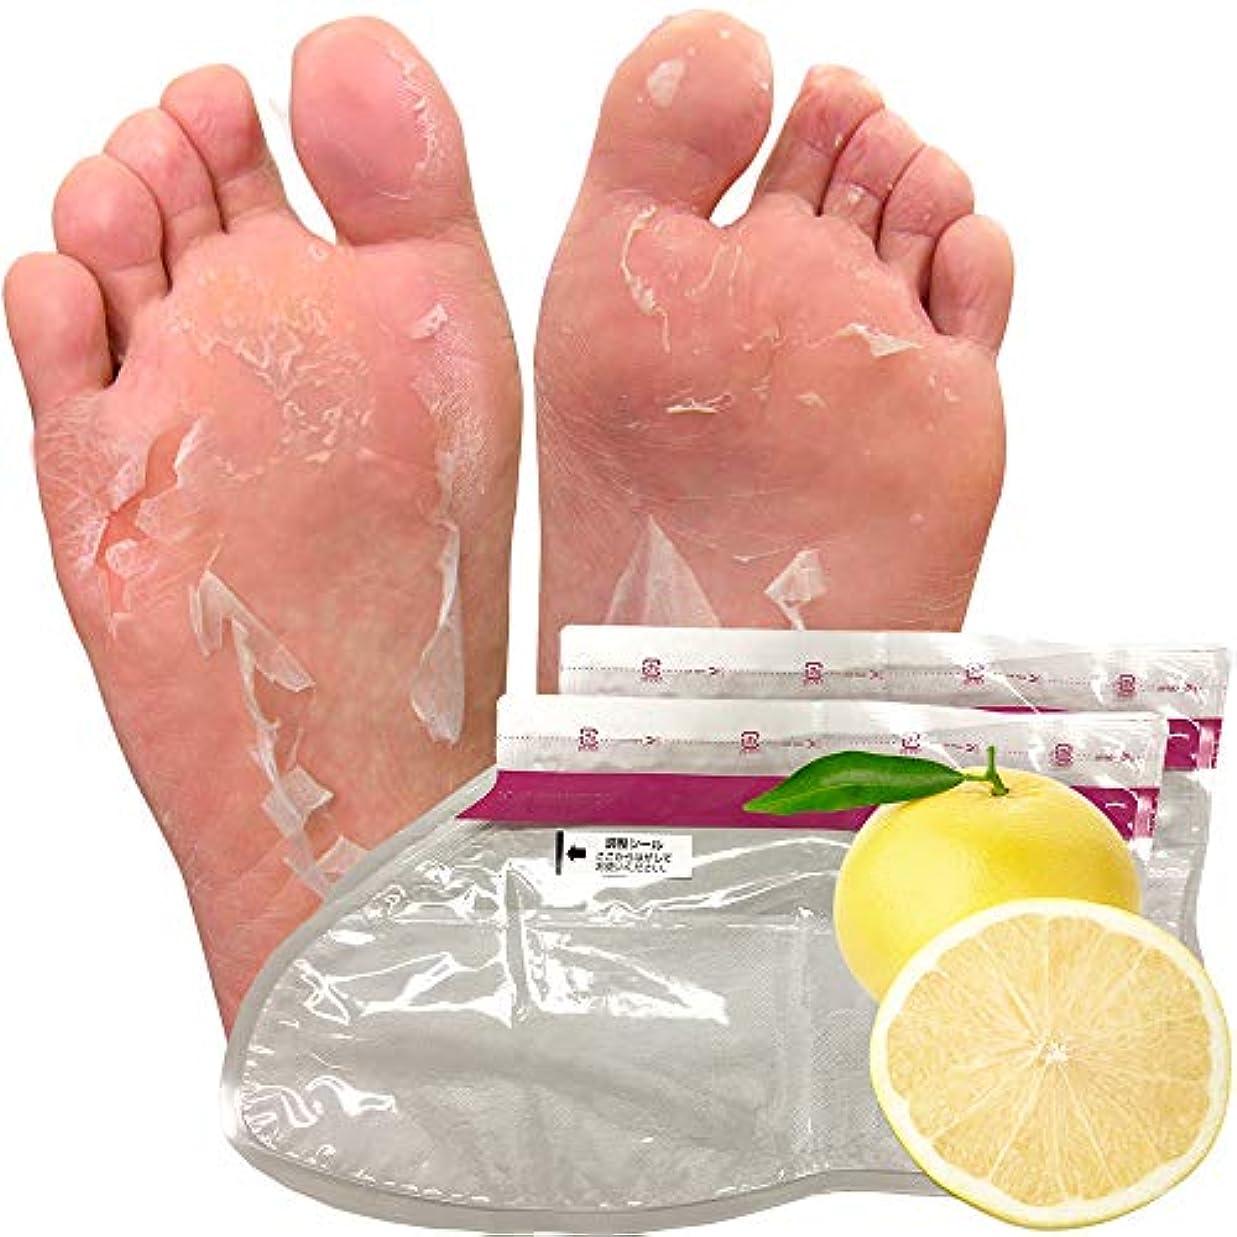 髄なぞらえる薄暗い【5回分】グレープフルーツ フットピーリングパック ペロリン 去角质足 足膜 足の裏 足ぱっく